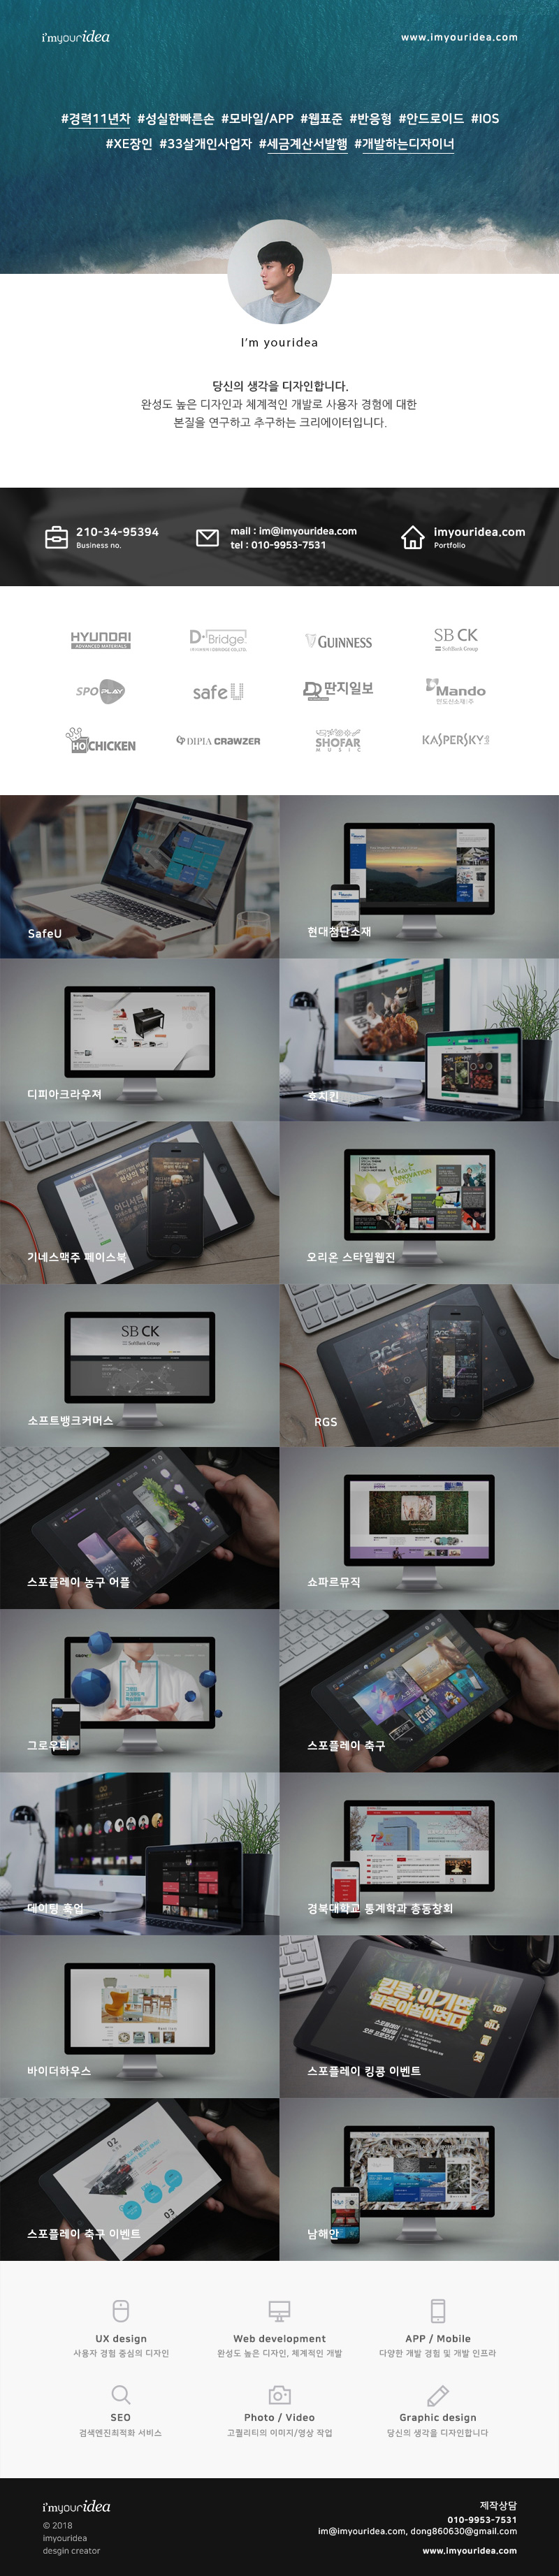 광고-.jpg